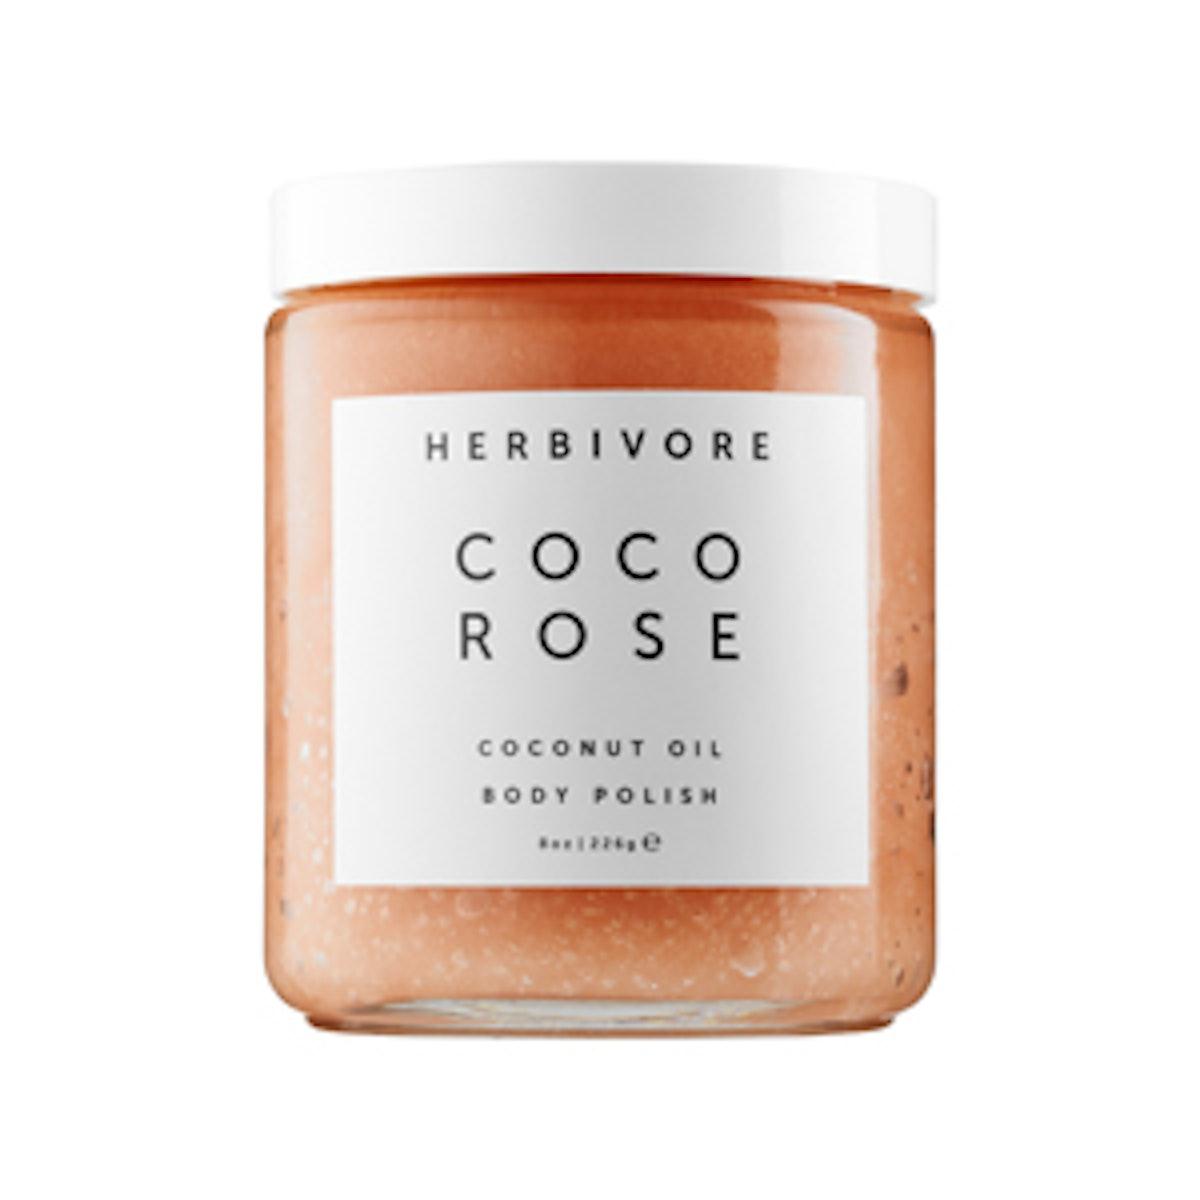 Coco Rose Coconut Oil Body Polish